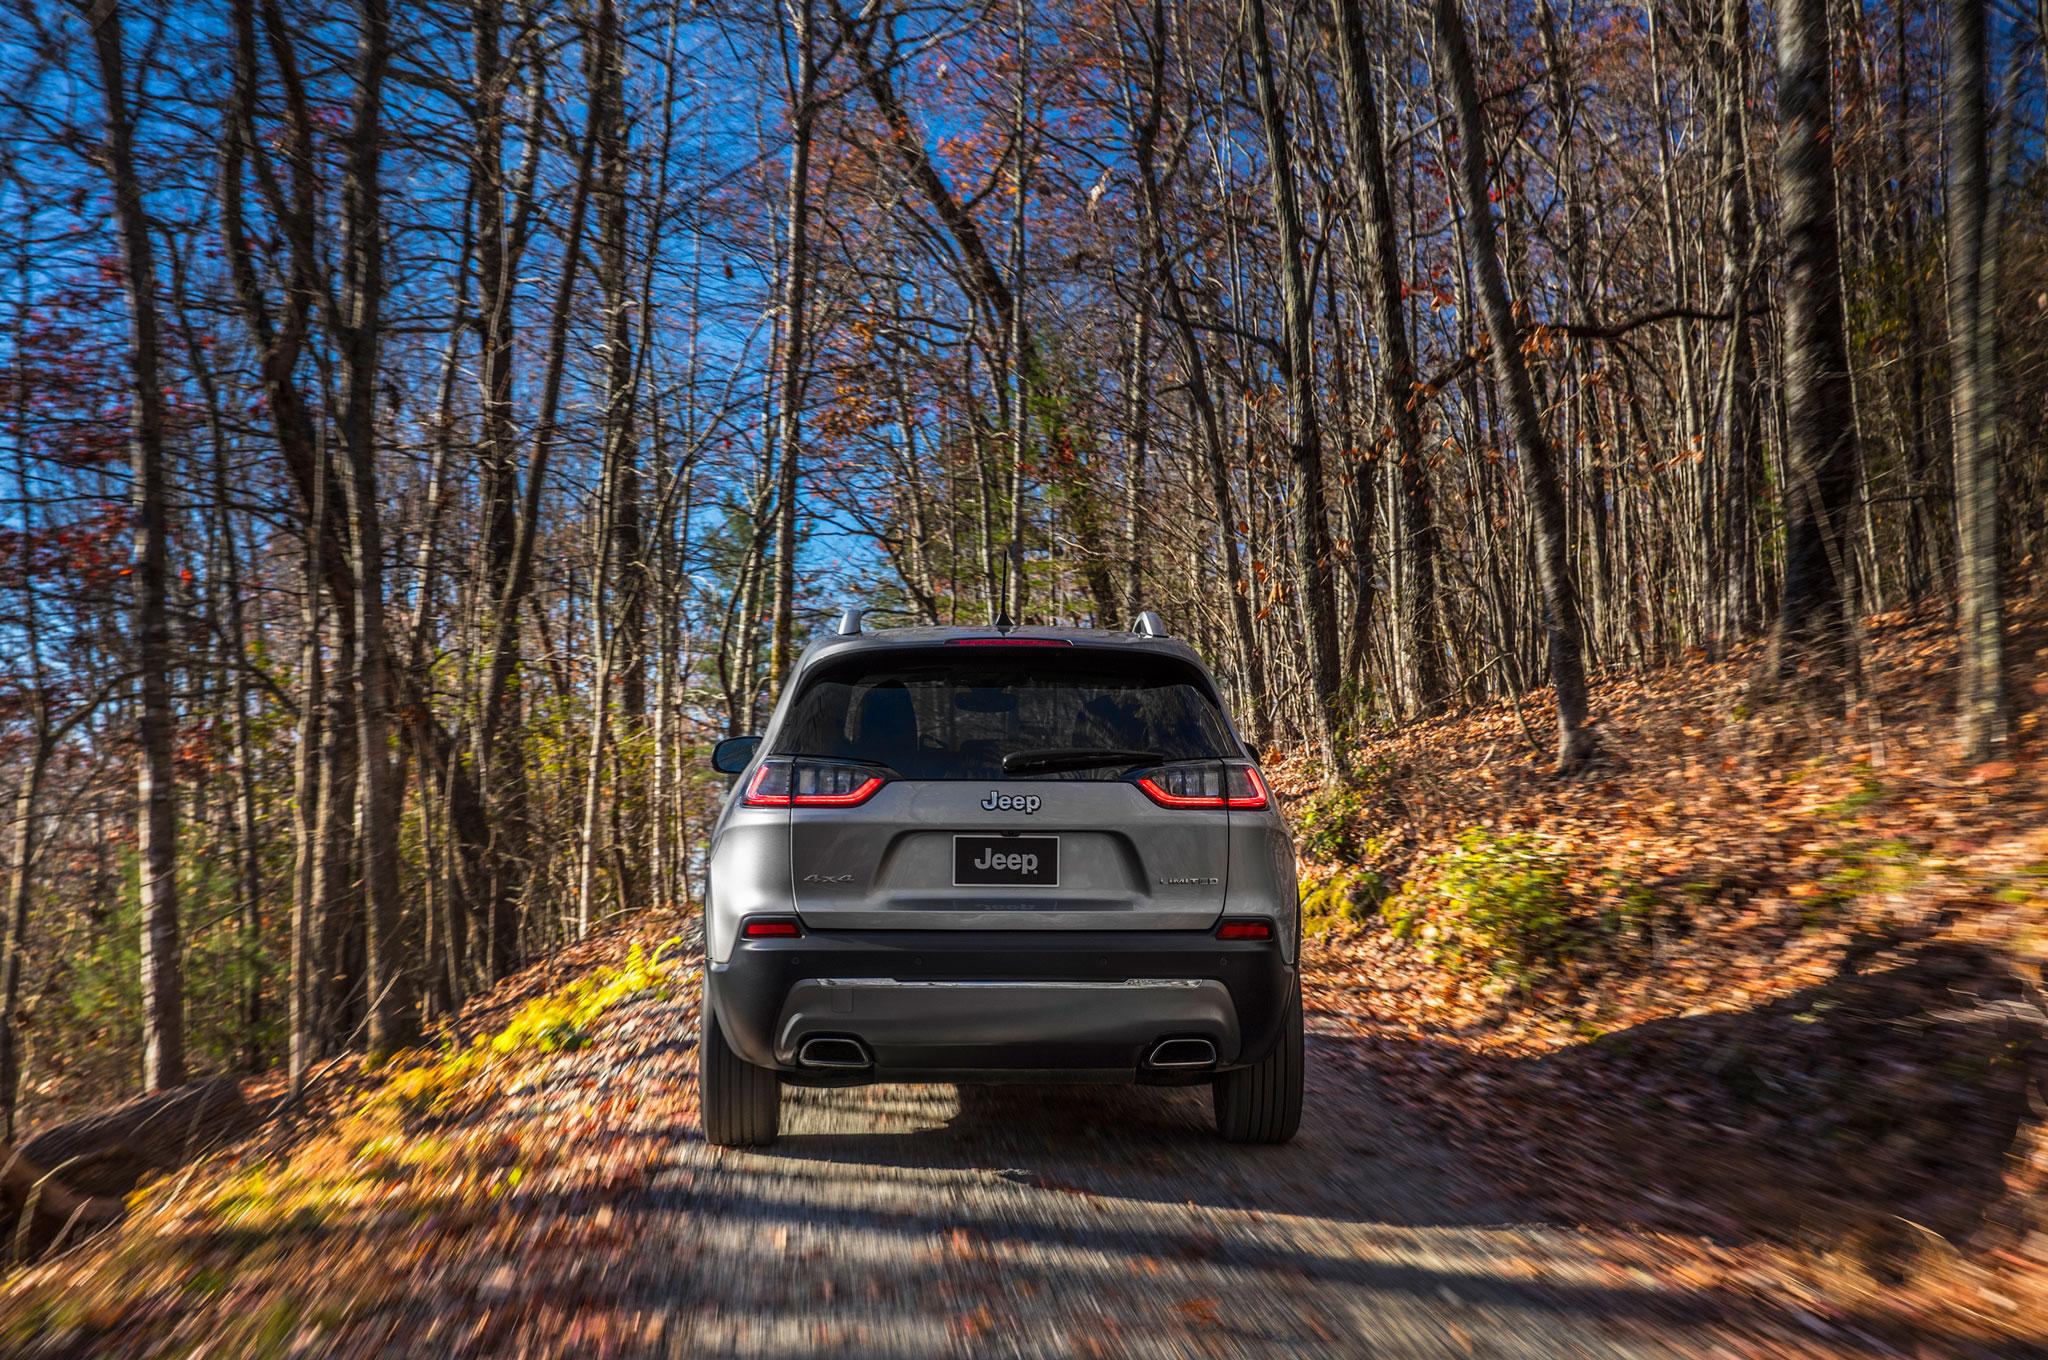 2019 Cherokee on road rear in leaves 2